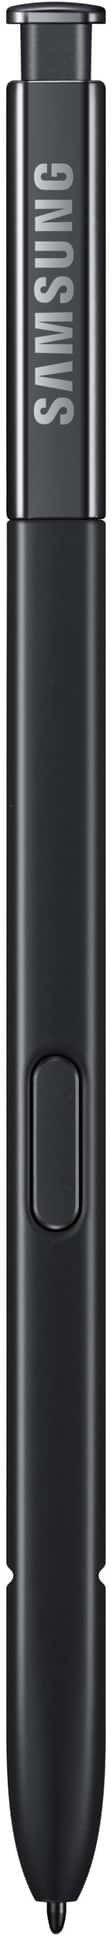 Samsung Galaxy Note 8 S Pen EJ PN950BBEGWW